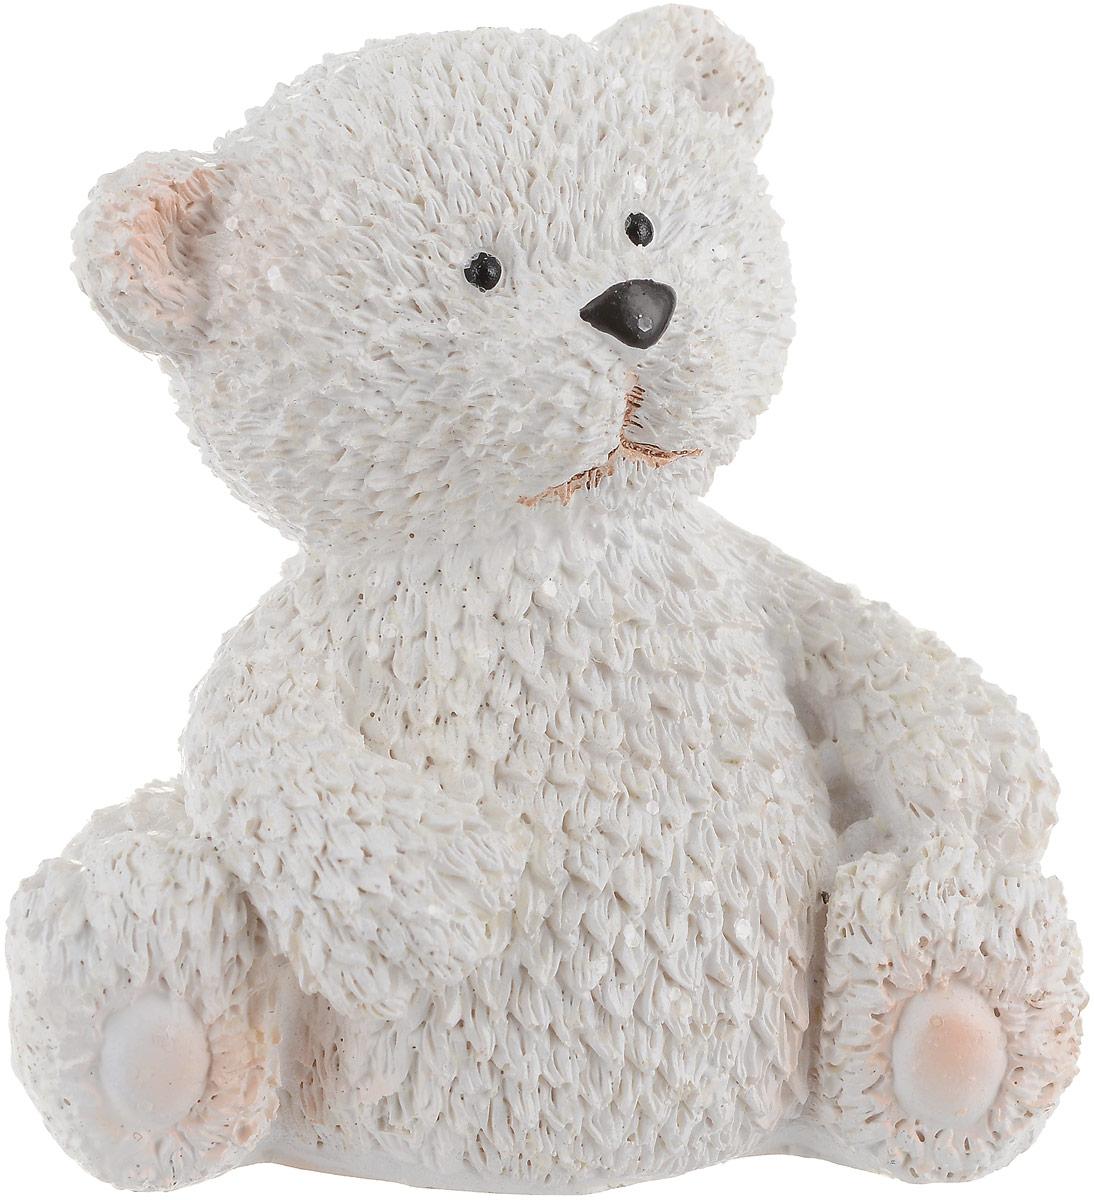 Фигурка декоративная Феникс-Презент Снежный мишка, высота 7 см. 75669 цена